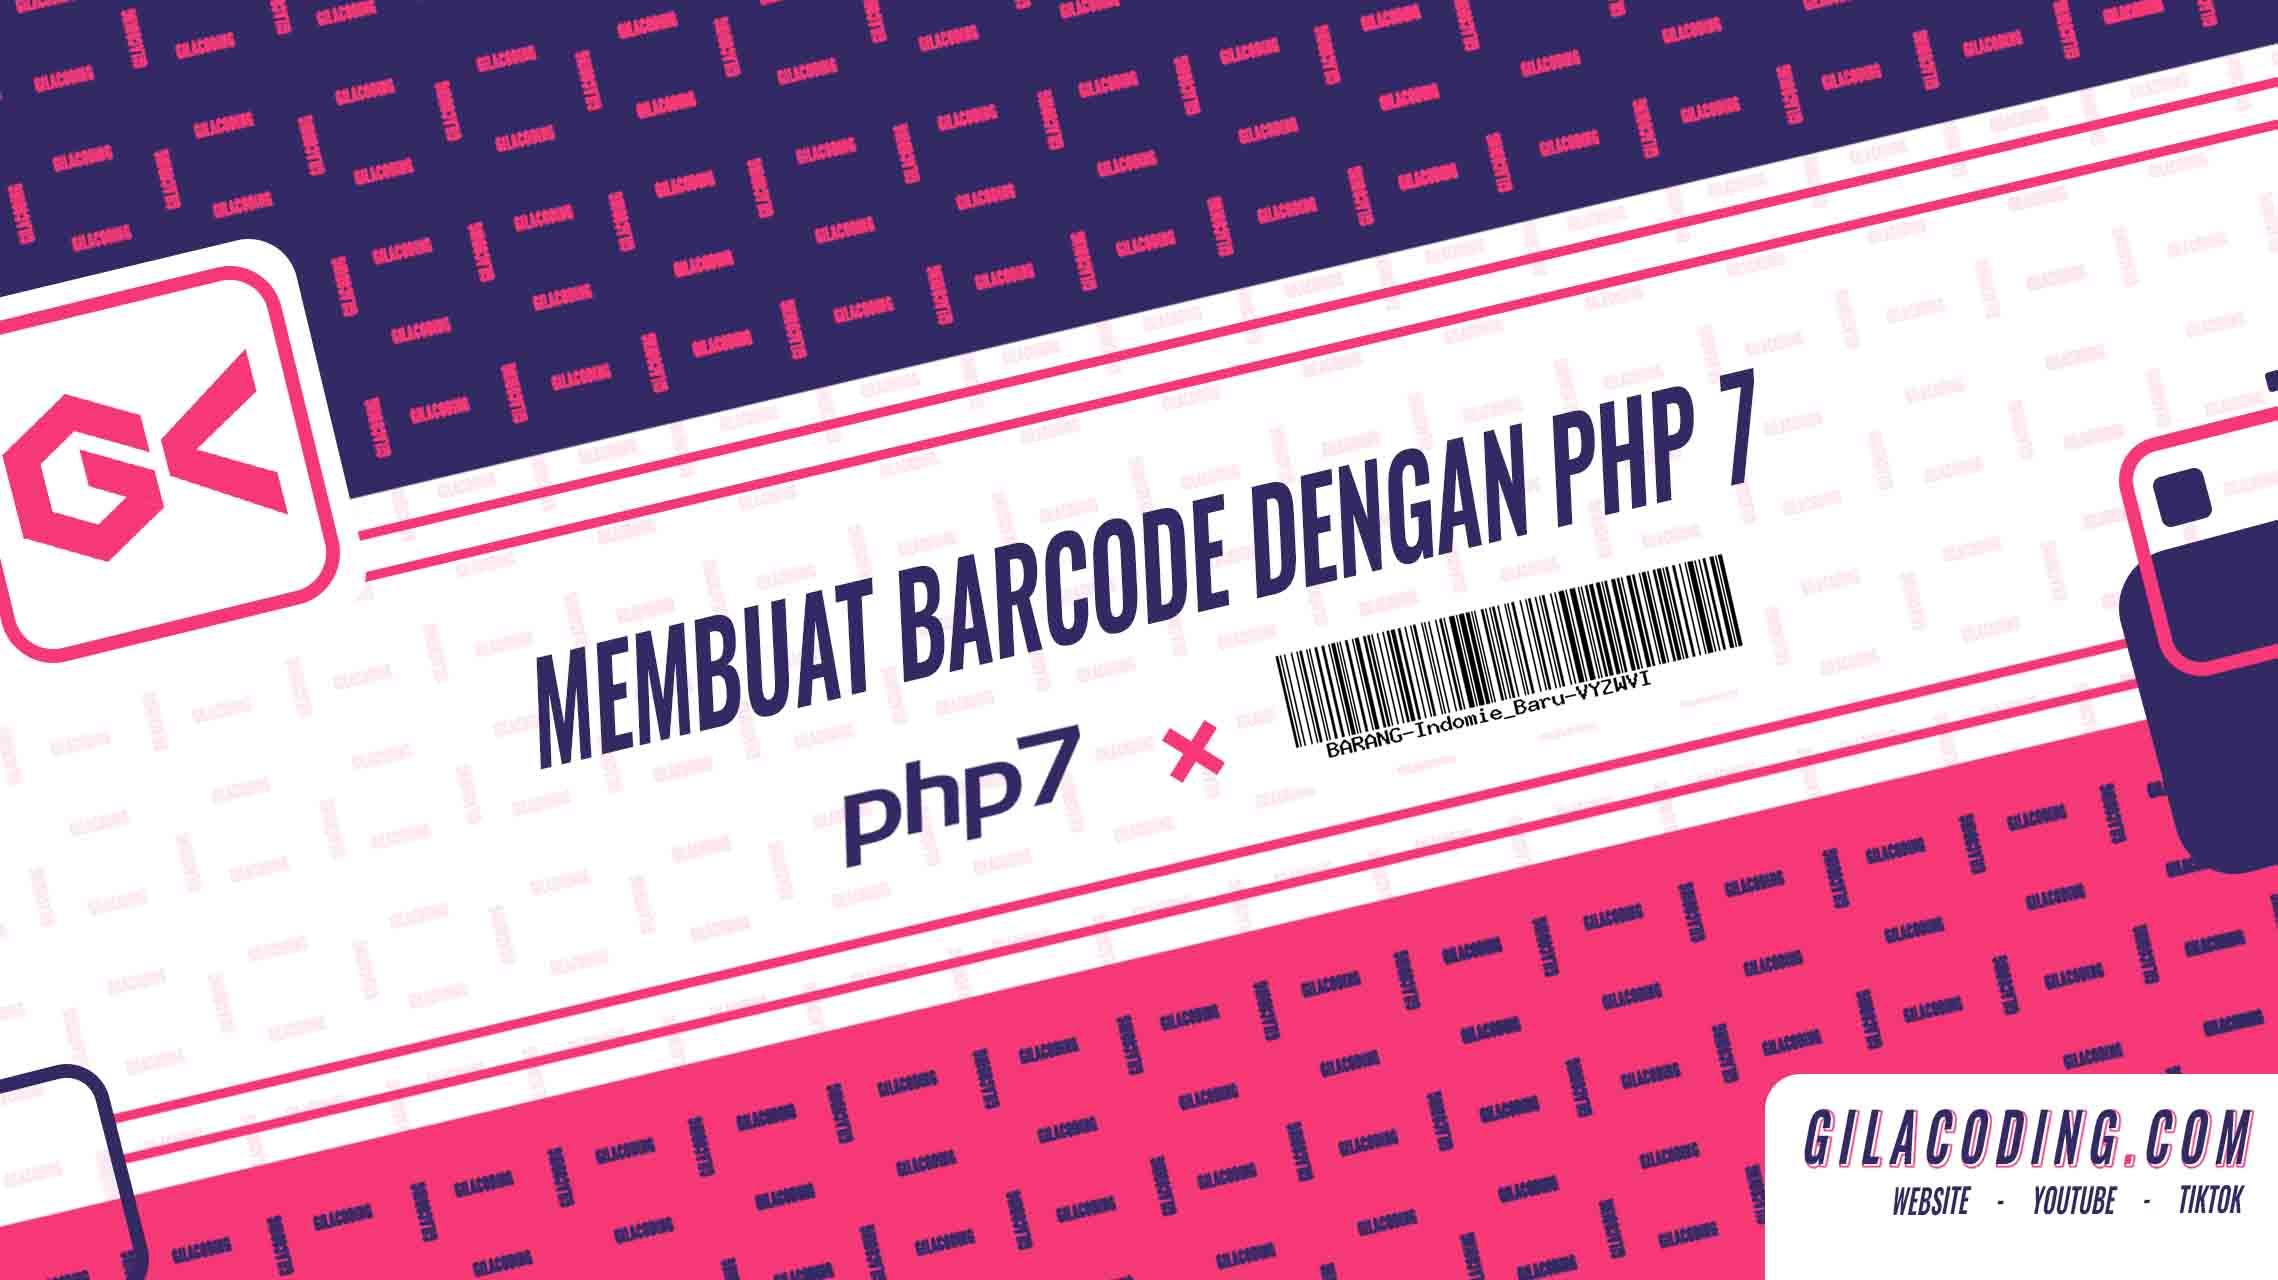 Membuat Gambar Barcode dengan PHP 7 atau Framework - Tutorial Web